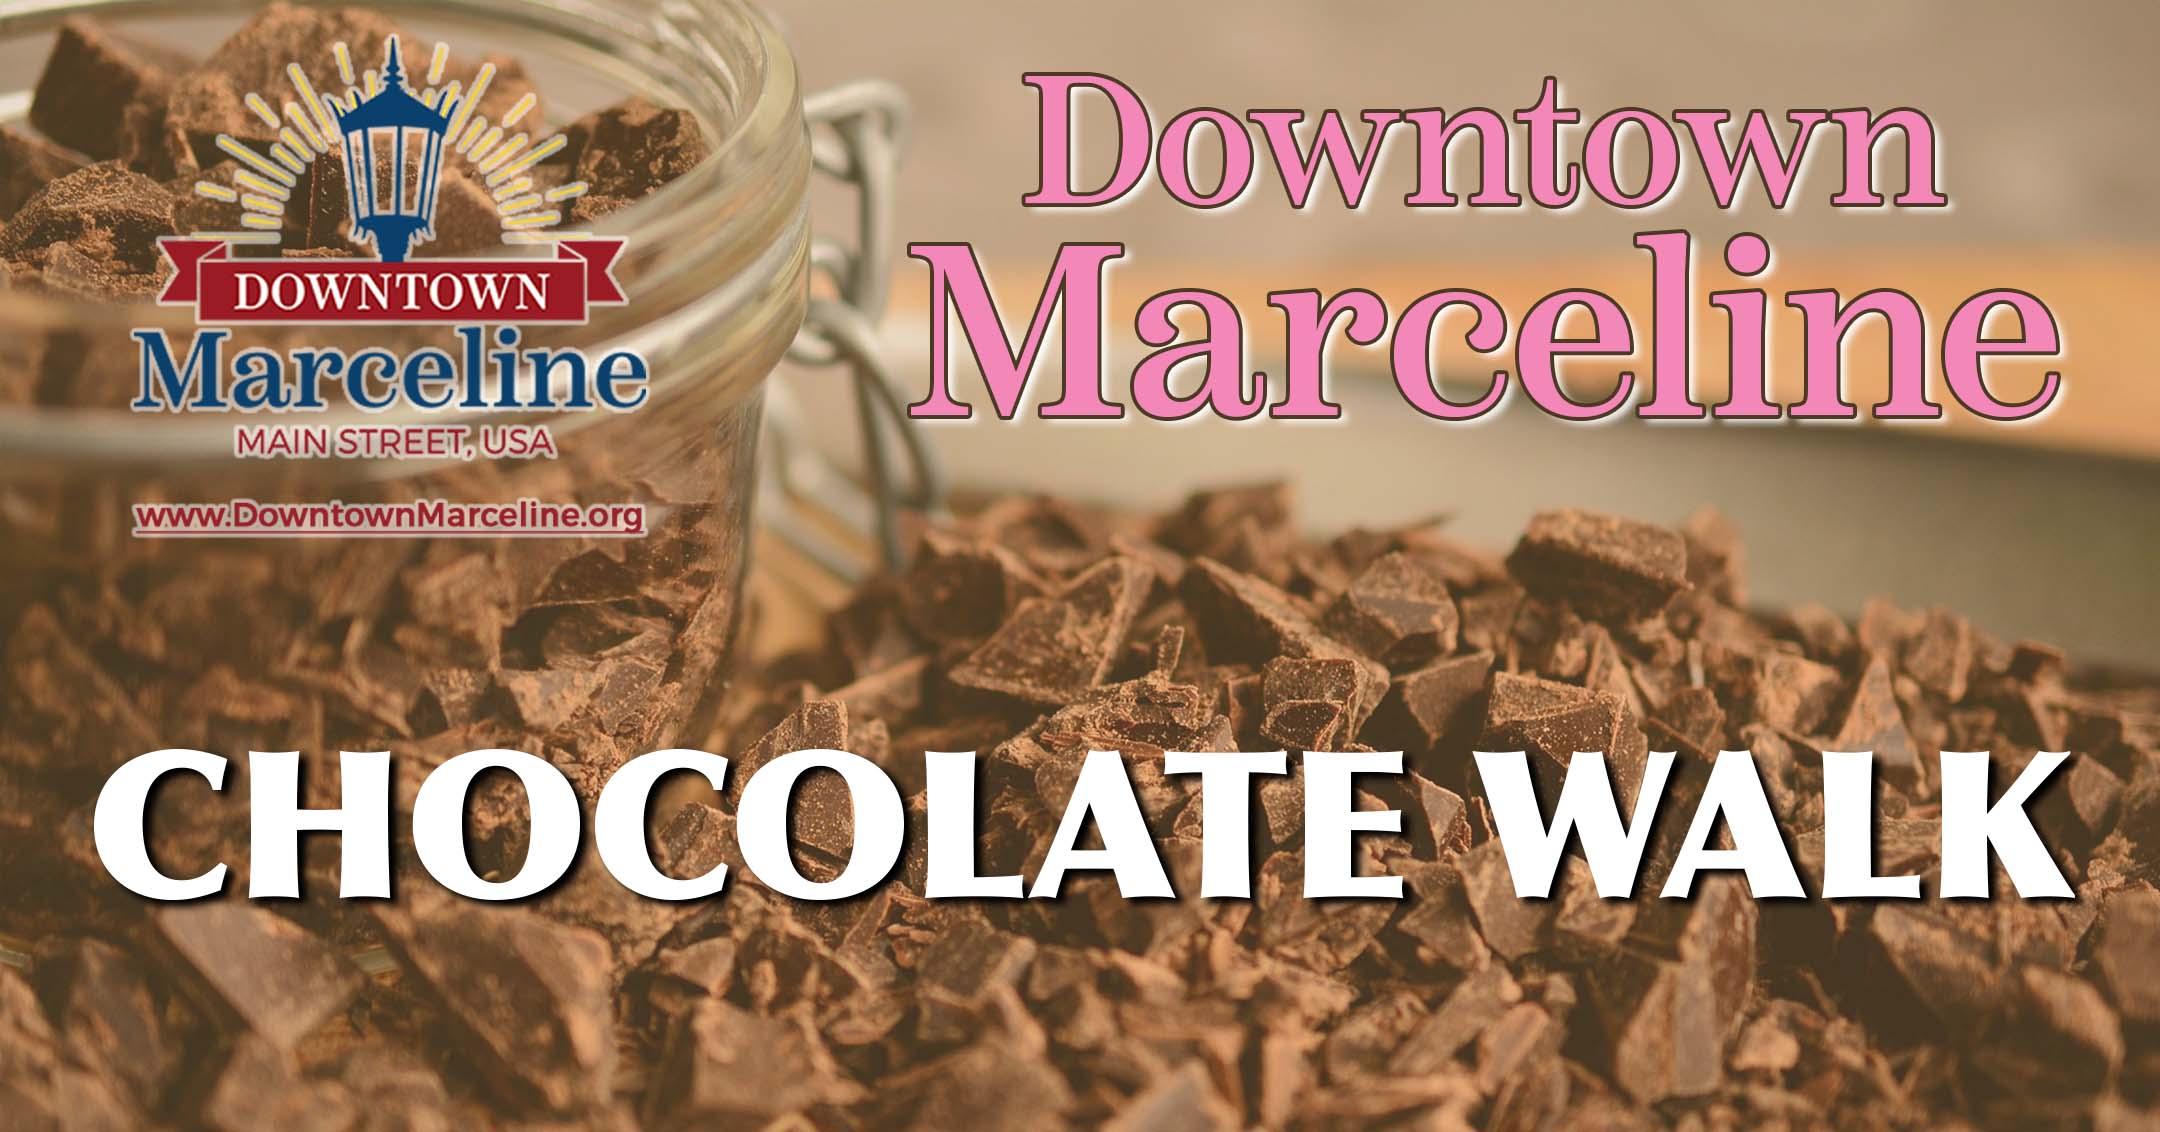 2021 Chocolate Walk | DowntownMarceline.org